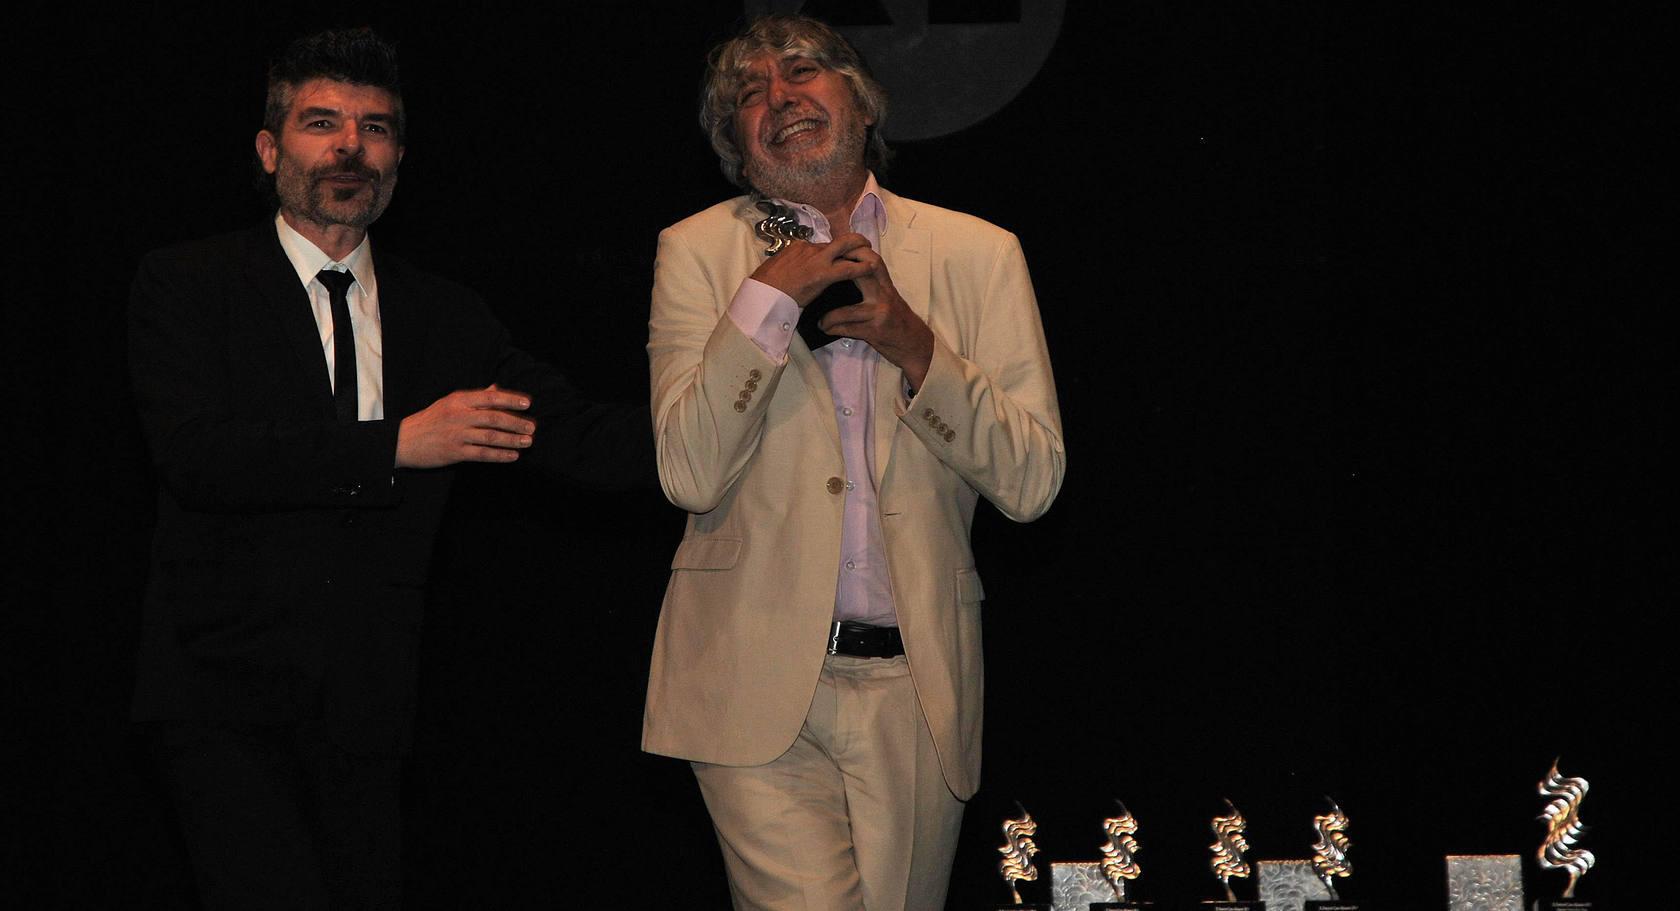 Un maestro apagó el proyector del Festival de Cine de Alicante